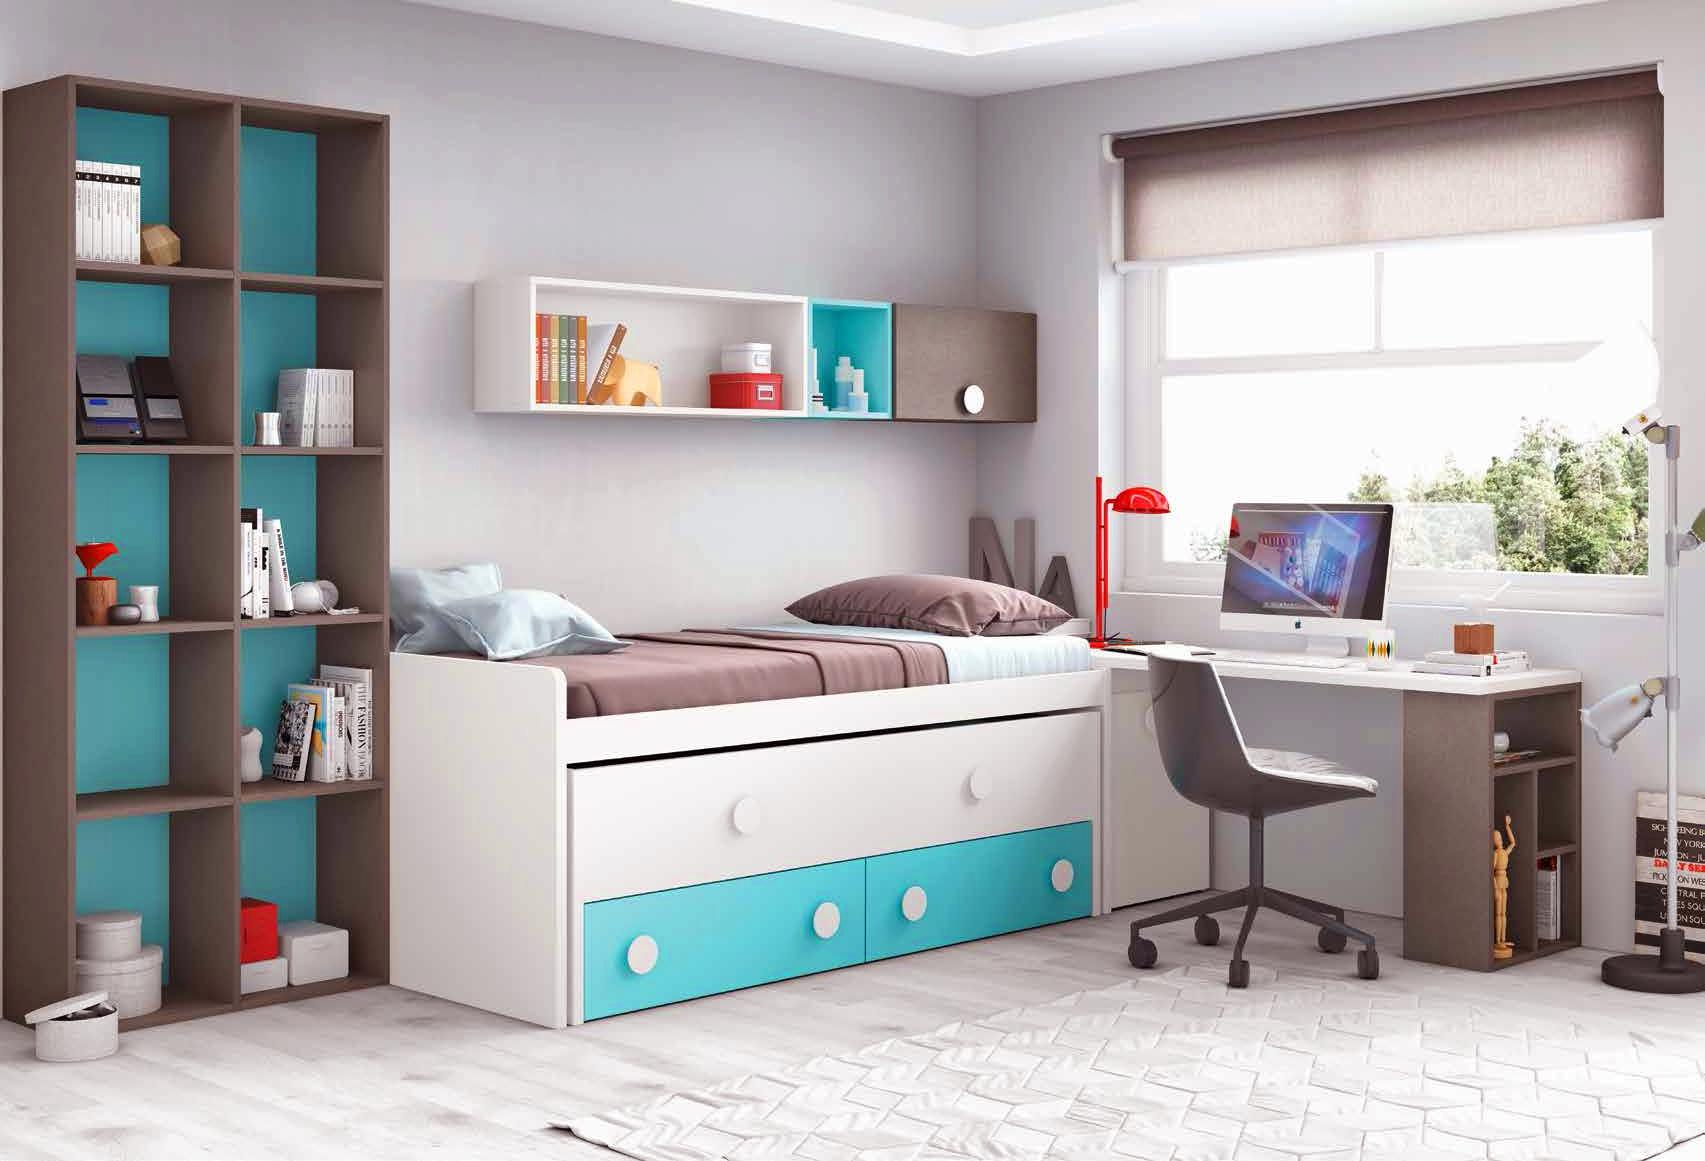 Chambre complète enfant composition L015 avec lit gigogne - GLICERIO